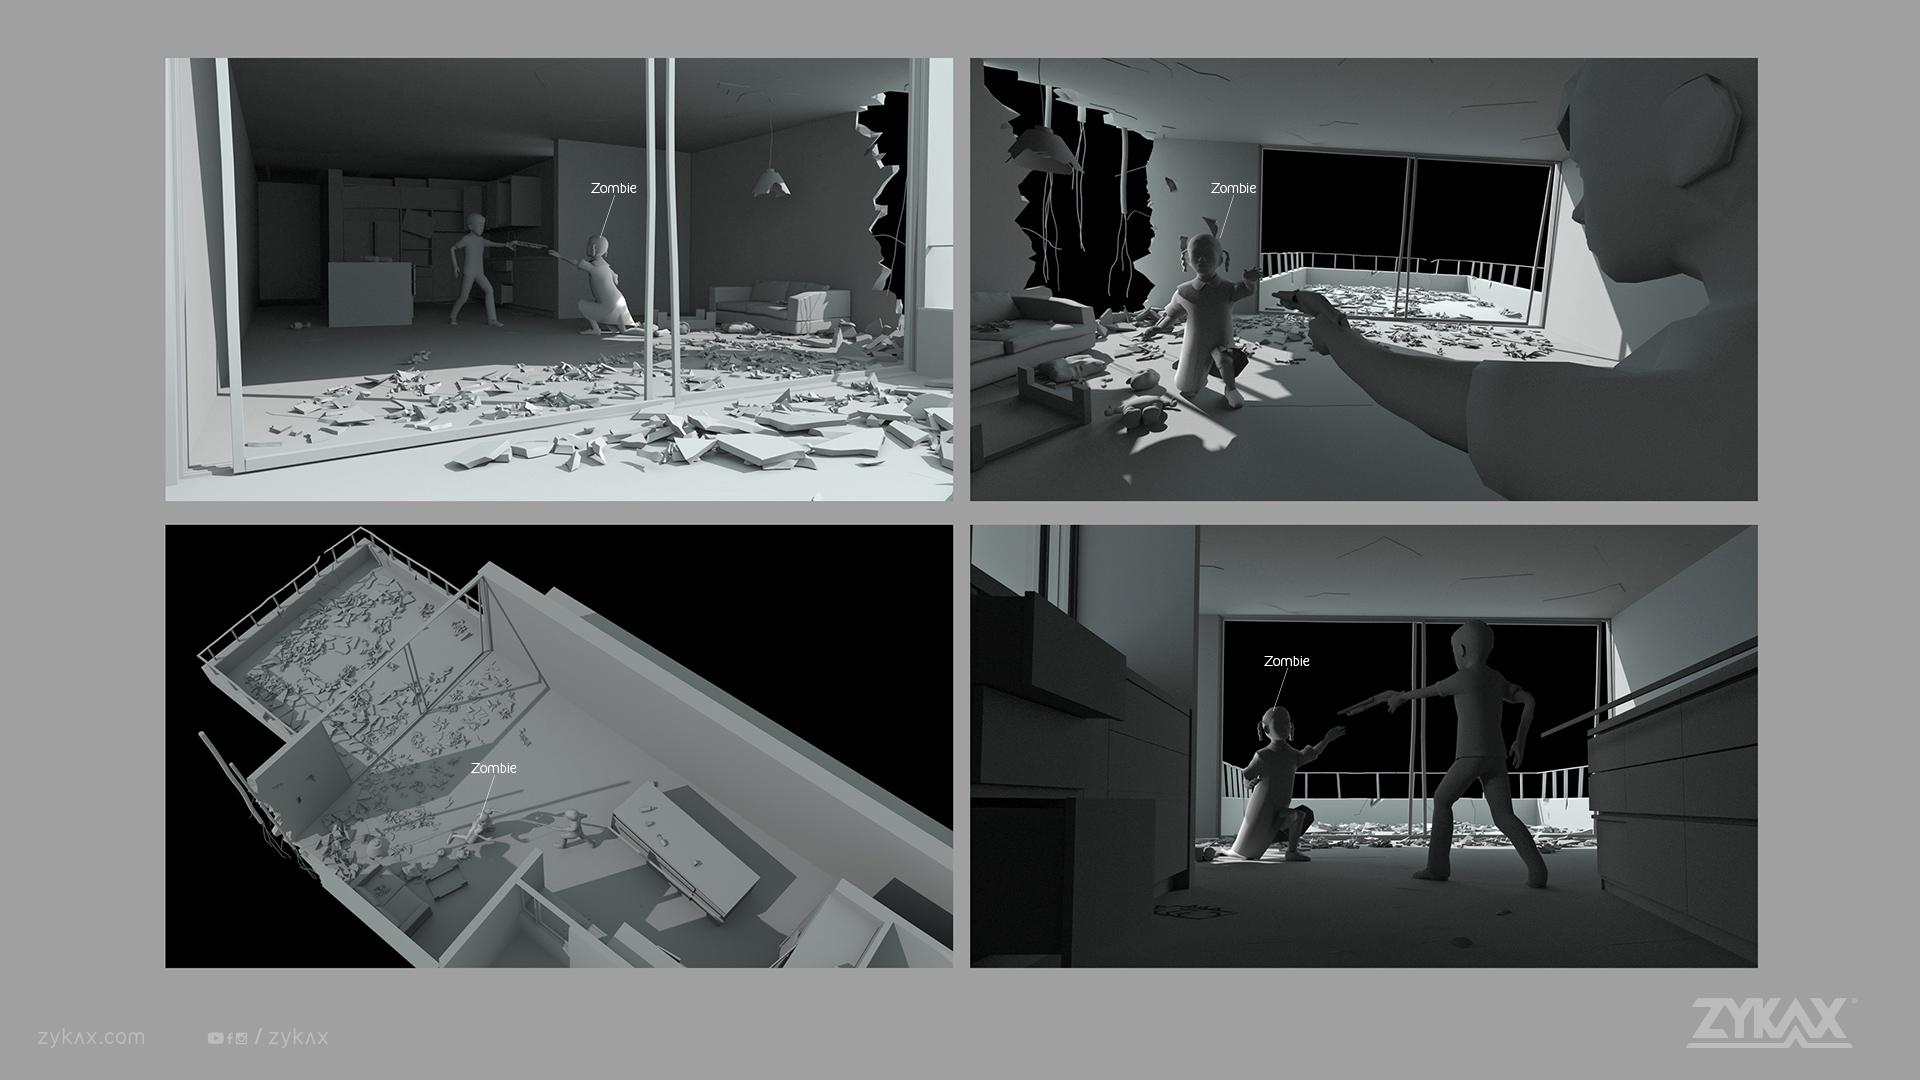 zykax servicios de animacion cortometraje rebirth 7